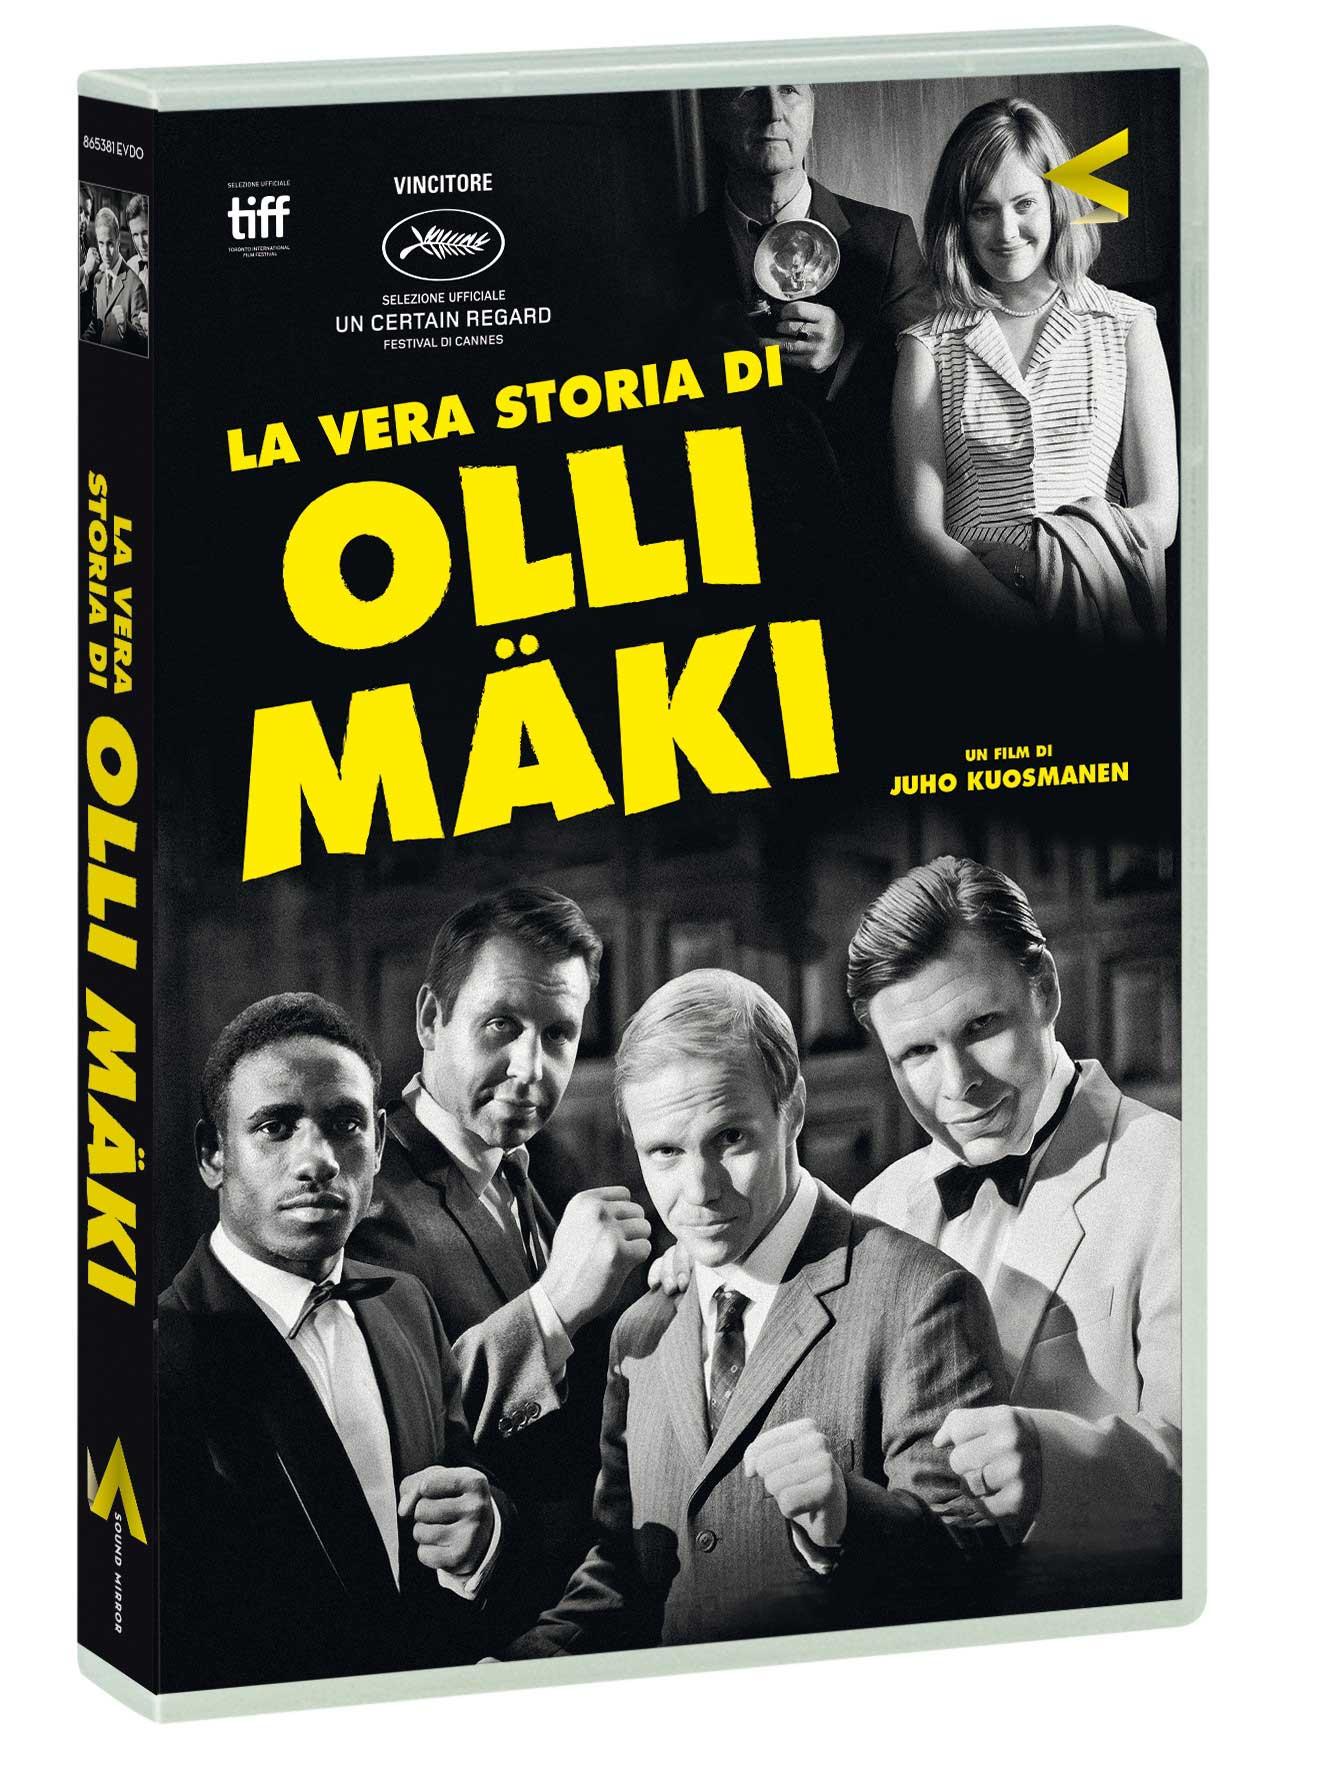 LA VERA STORIA DI OLLI MAKI (DVD)